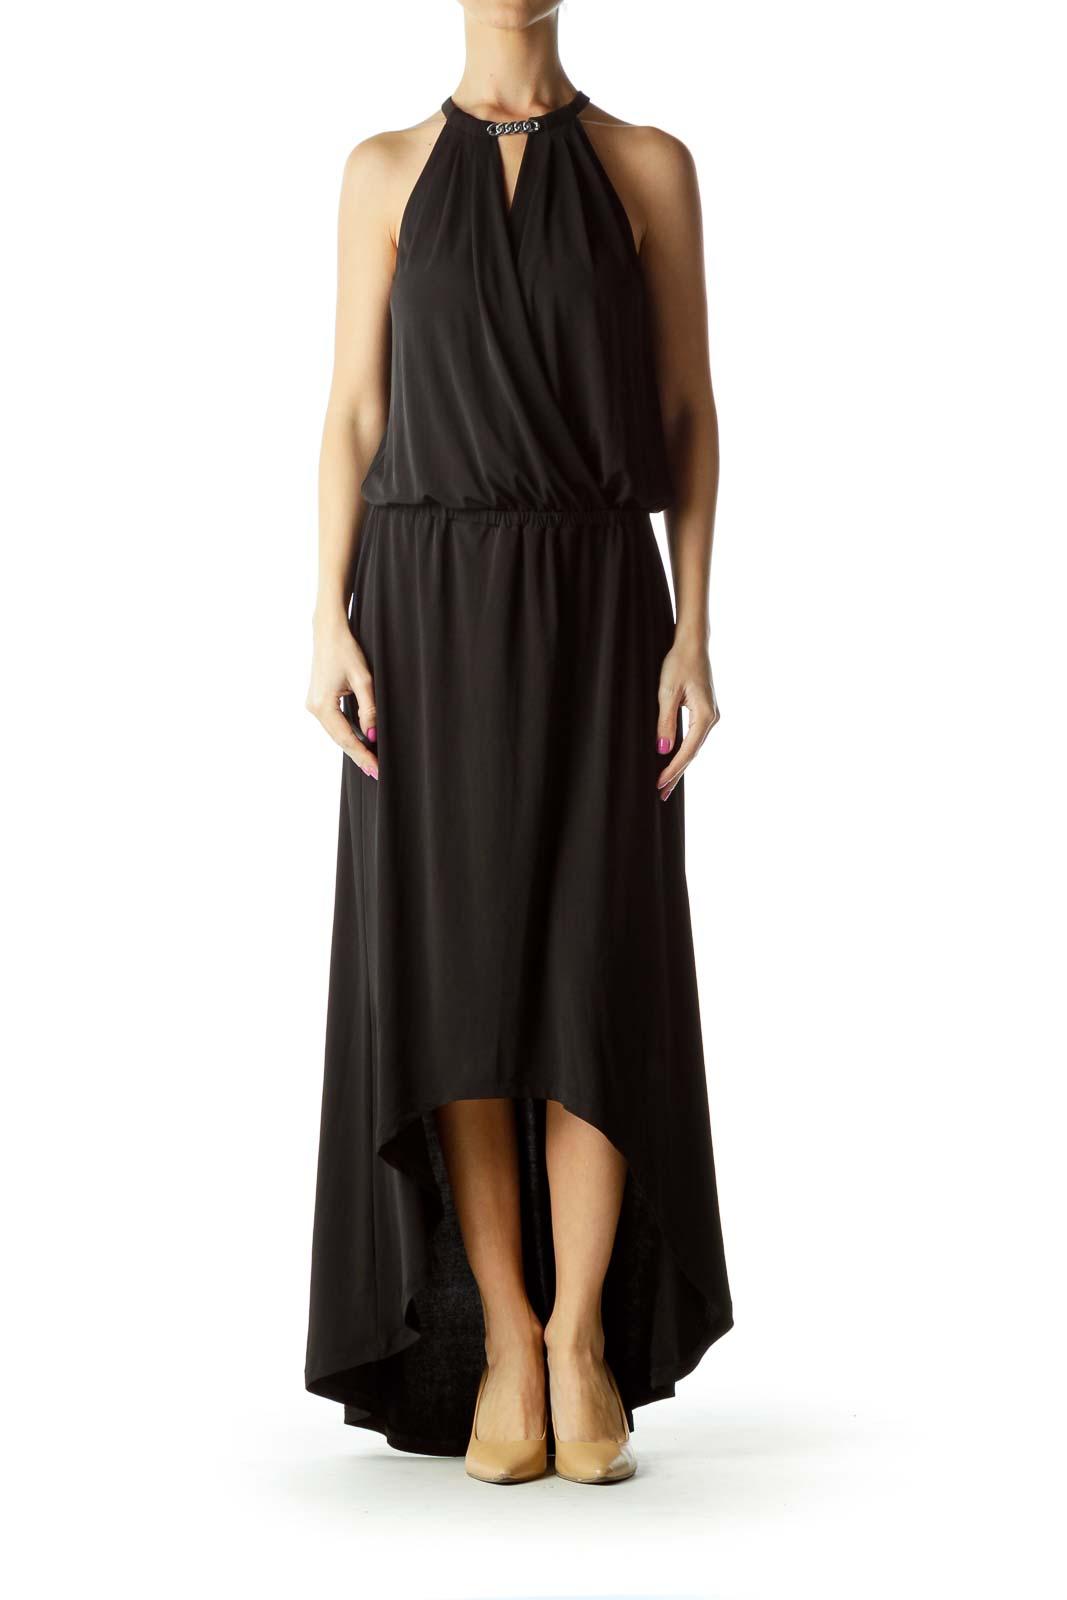 50242138672 Shop MICHAEL Michael Kors clothing and handbags at SilkRoll. Trade ...